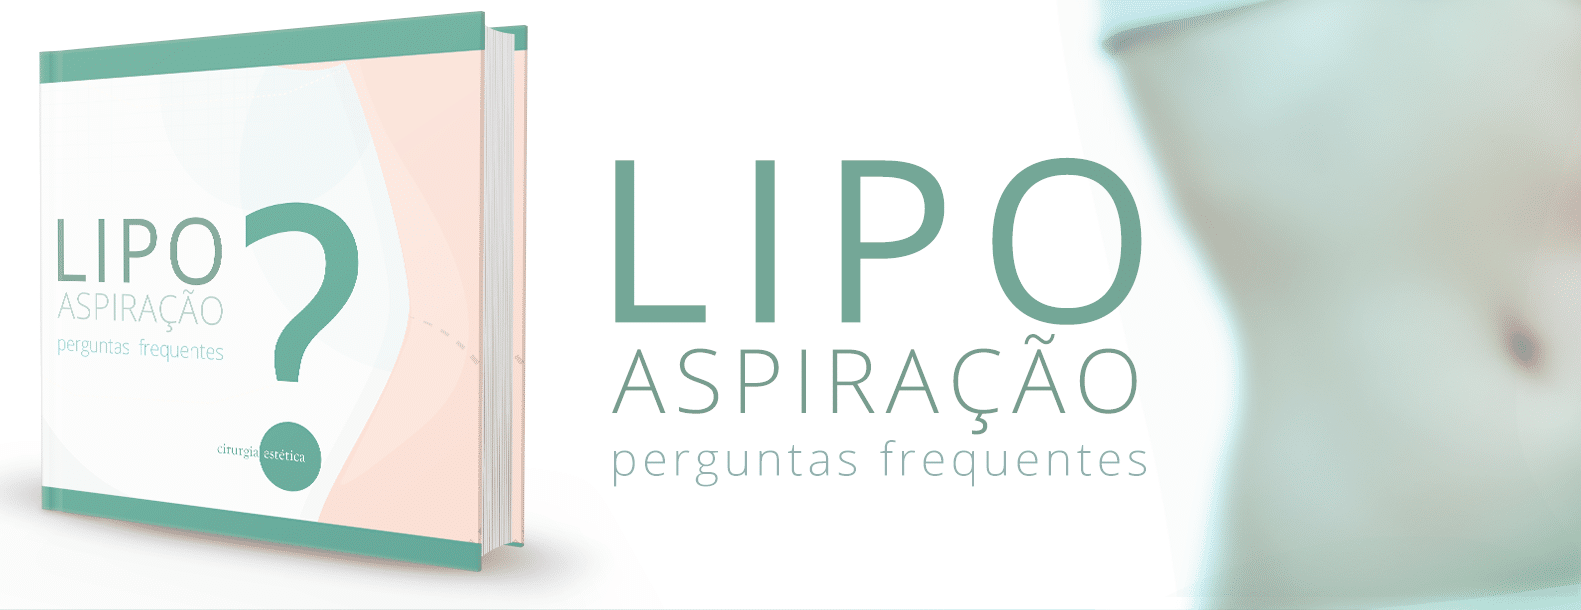 e book sobre lipoaspiracao img 01